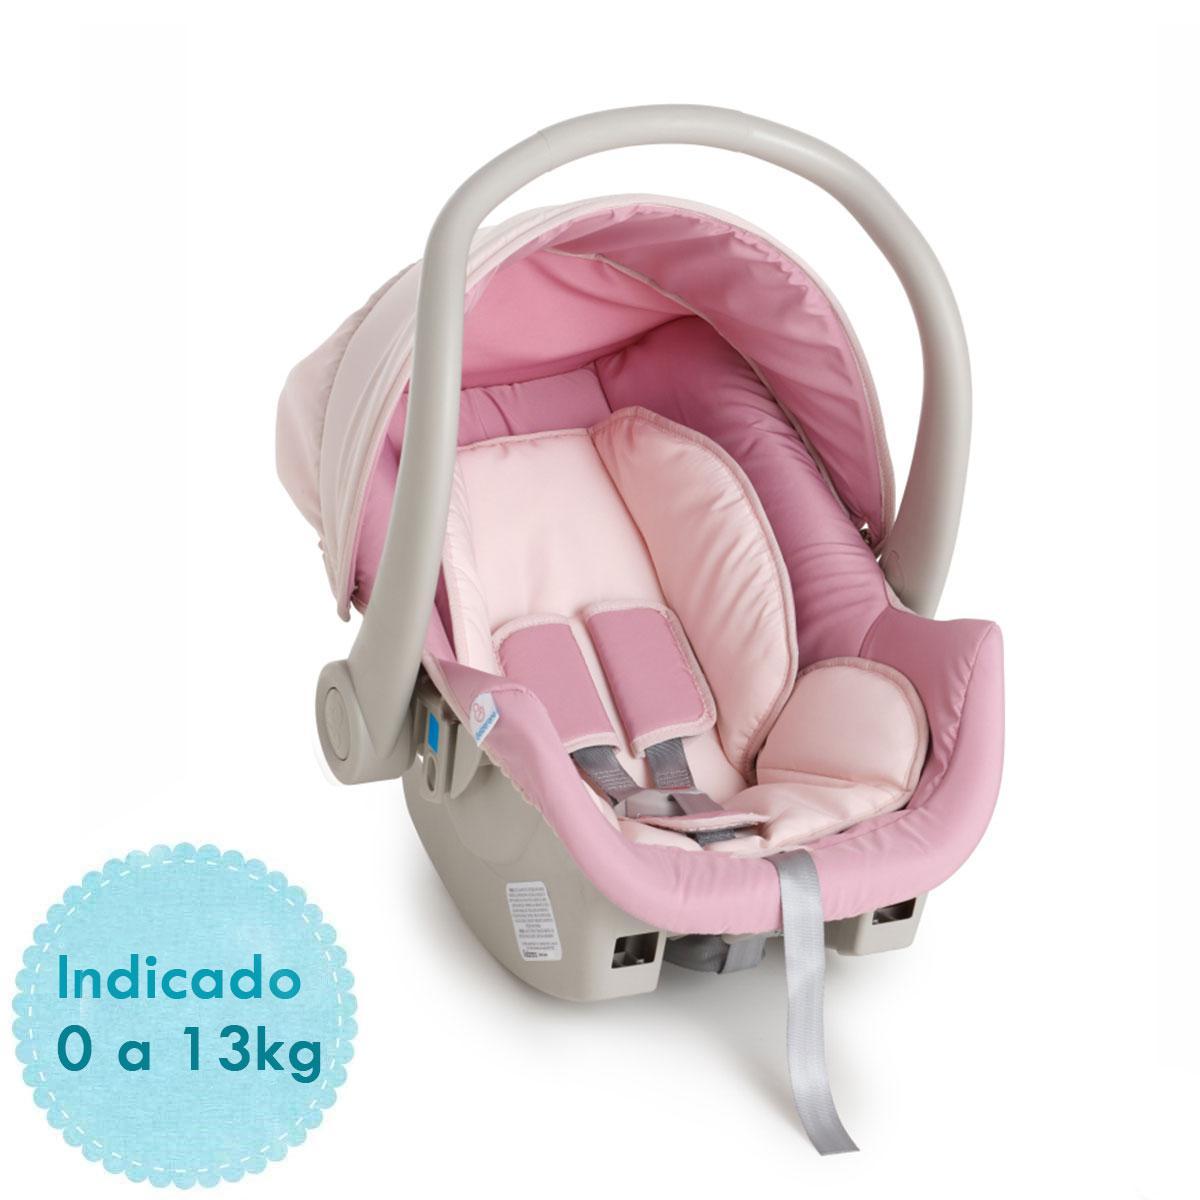 beb conforto galzerano cocoon rosa beb galzerano higiene e sa de magazine luiza. Black Bedroom Furniture Sets. Home Design Ideas